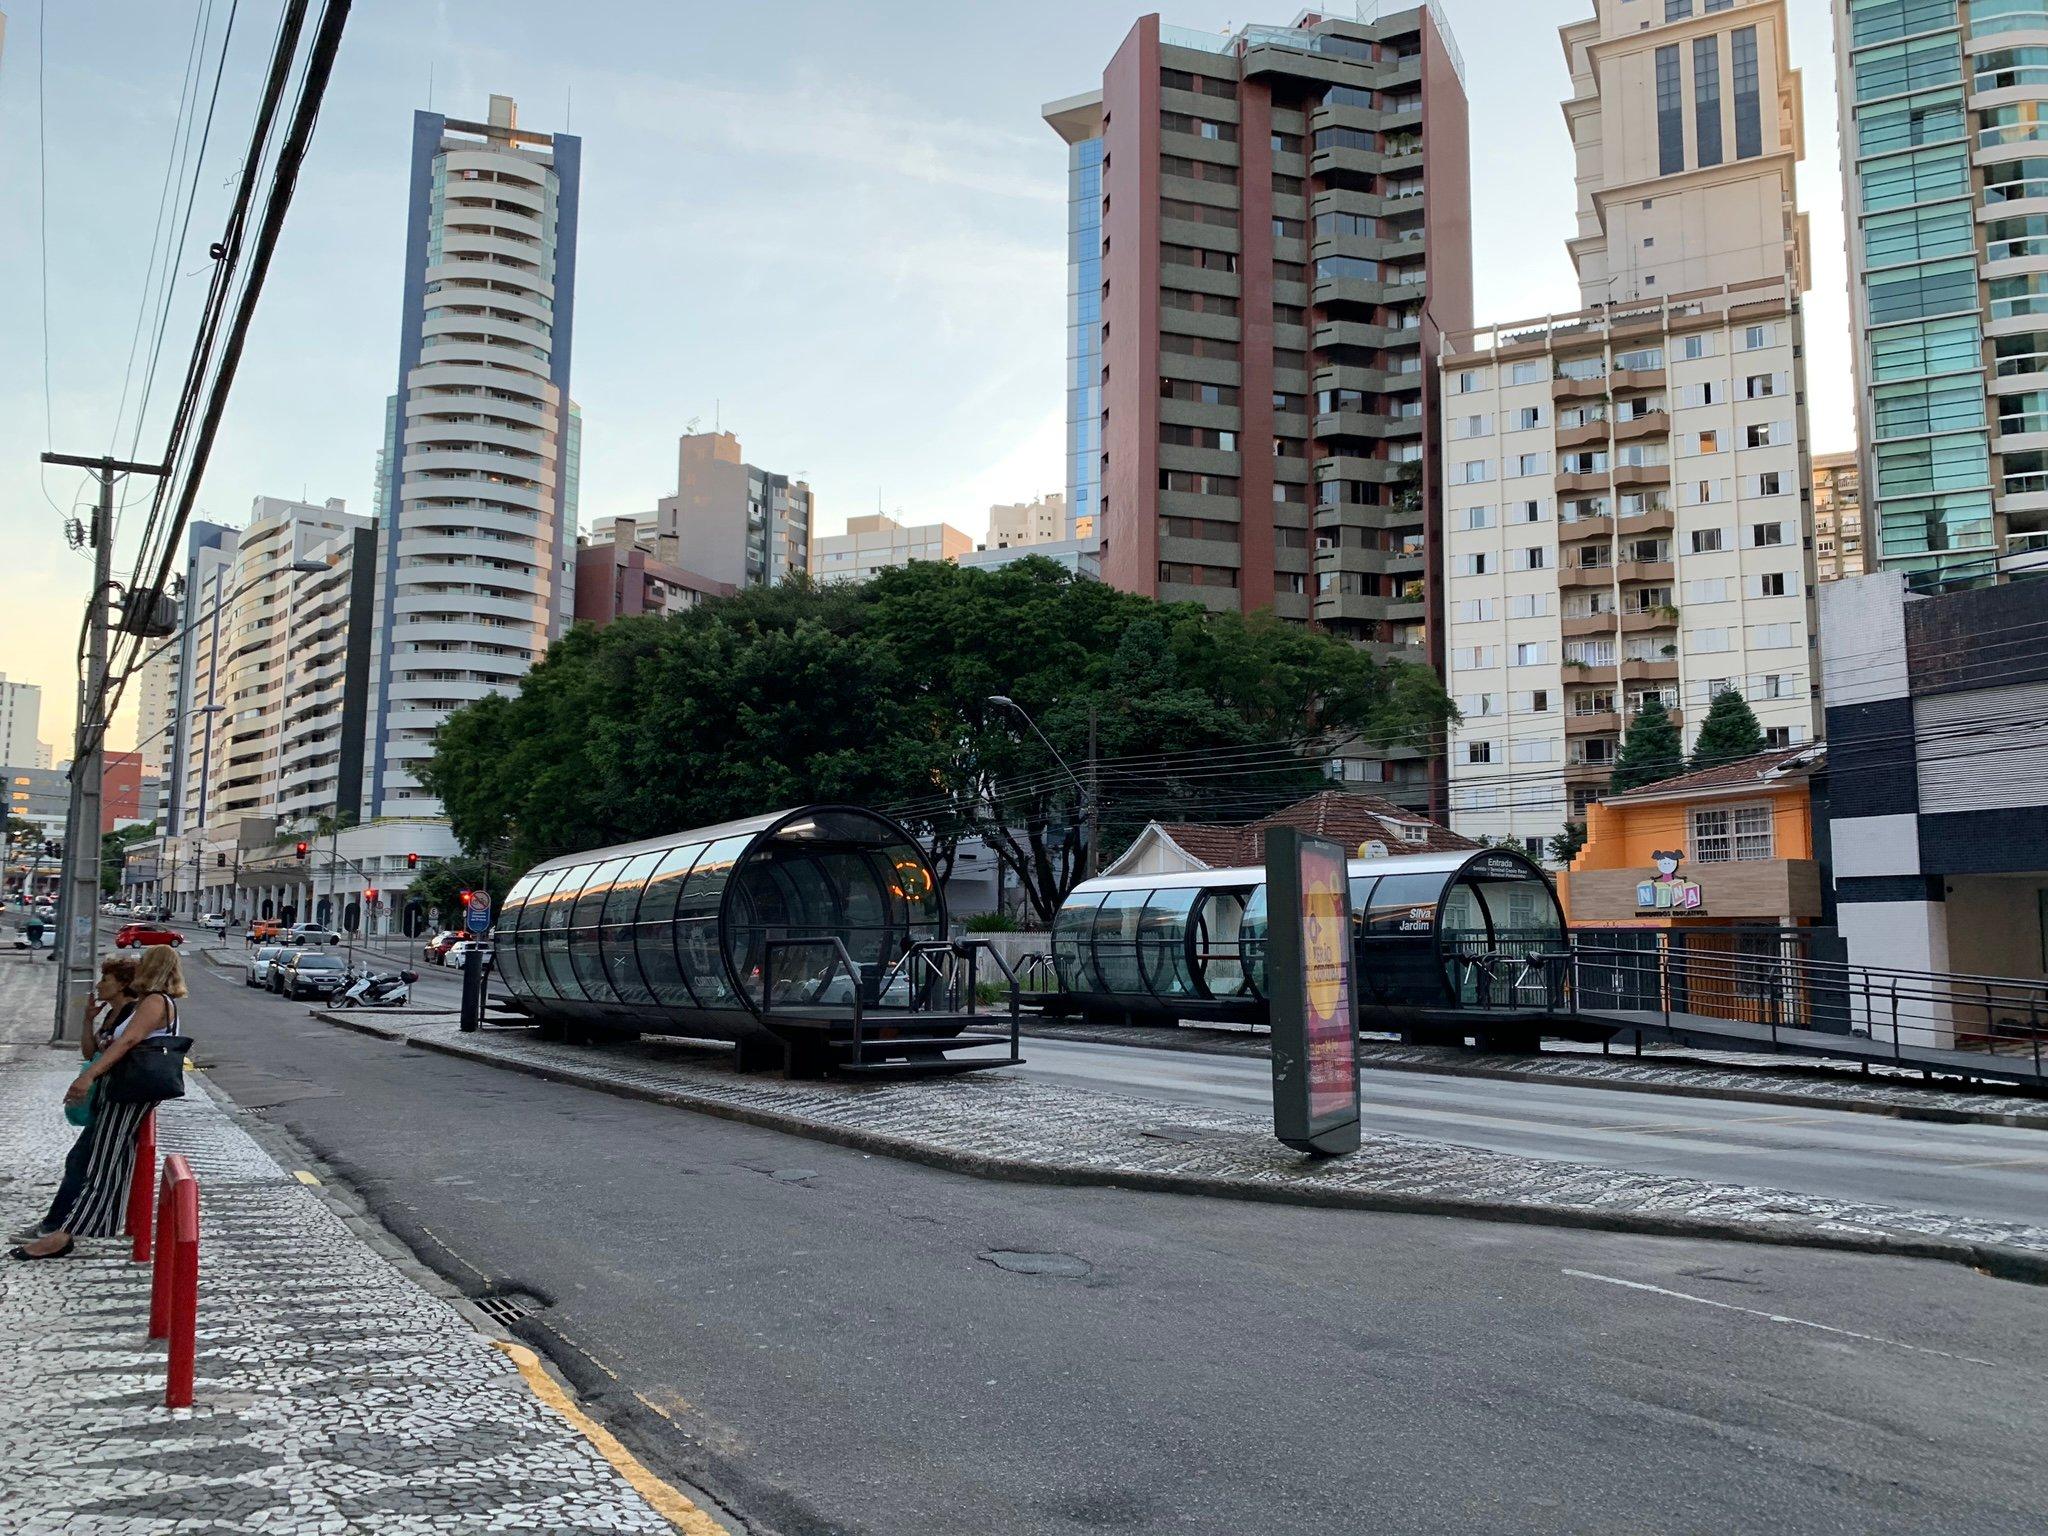 569.Brazil